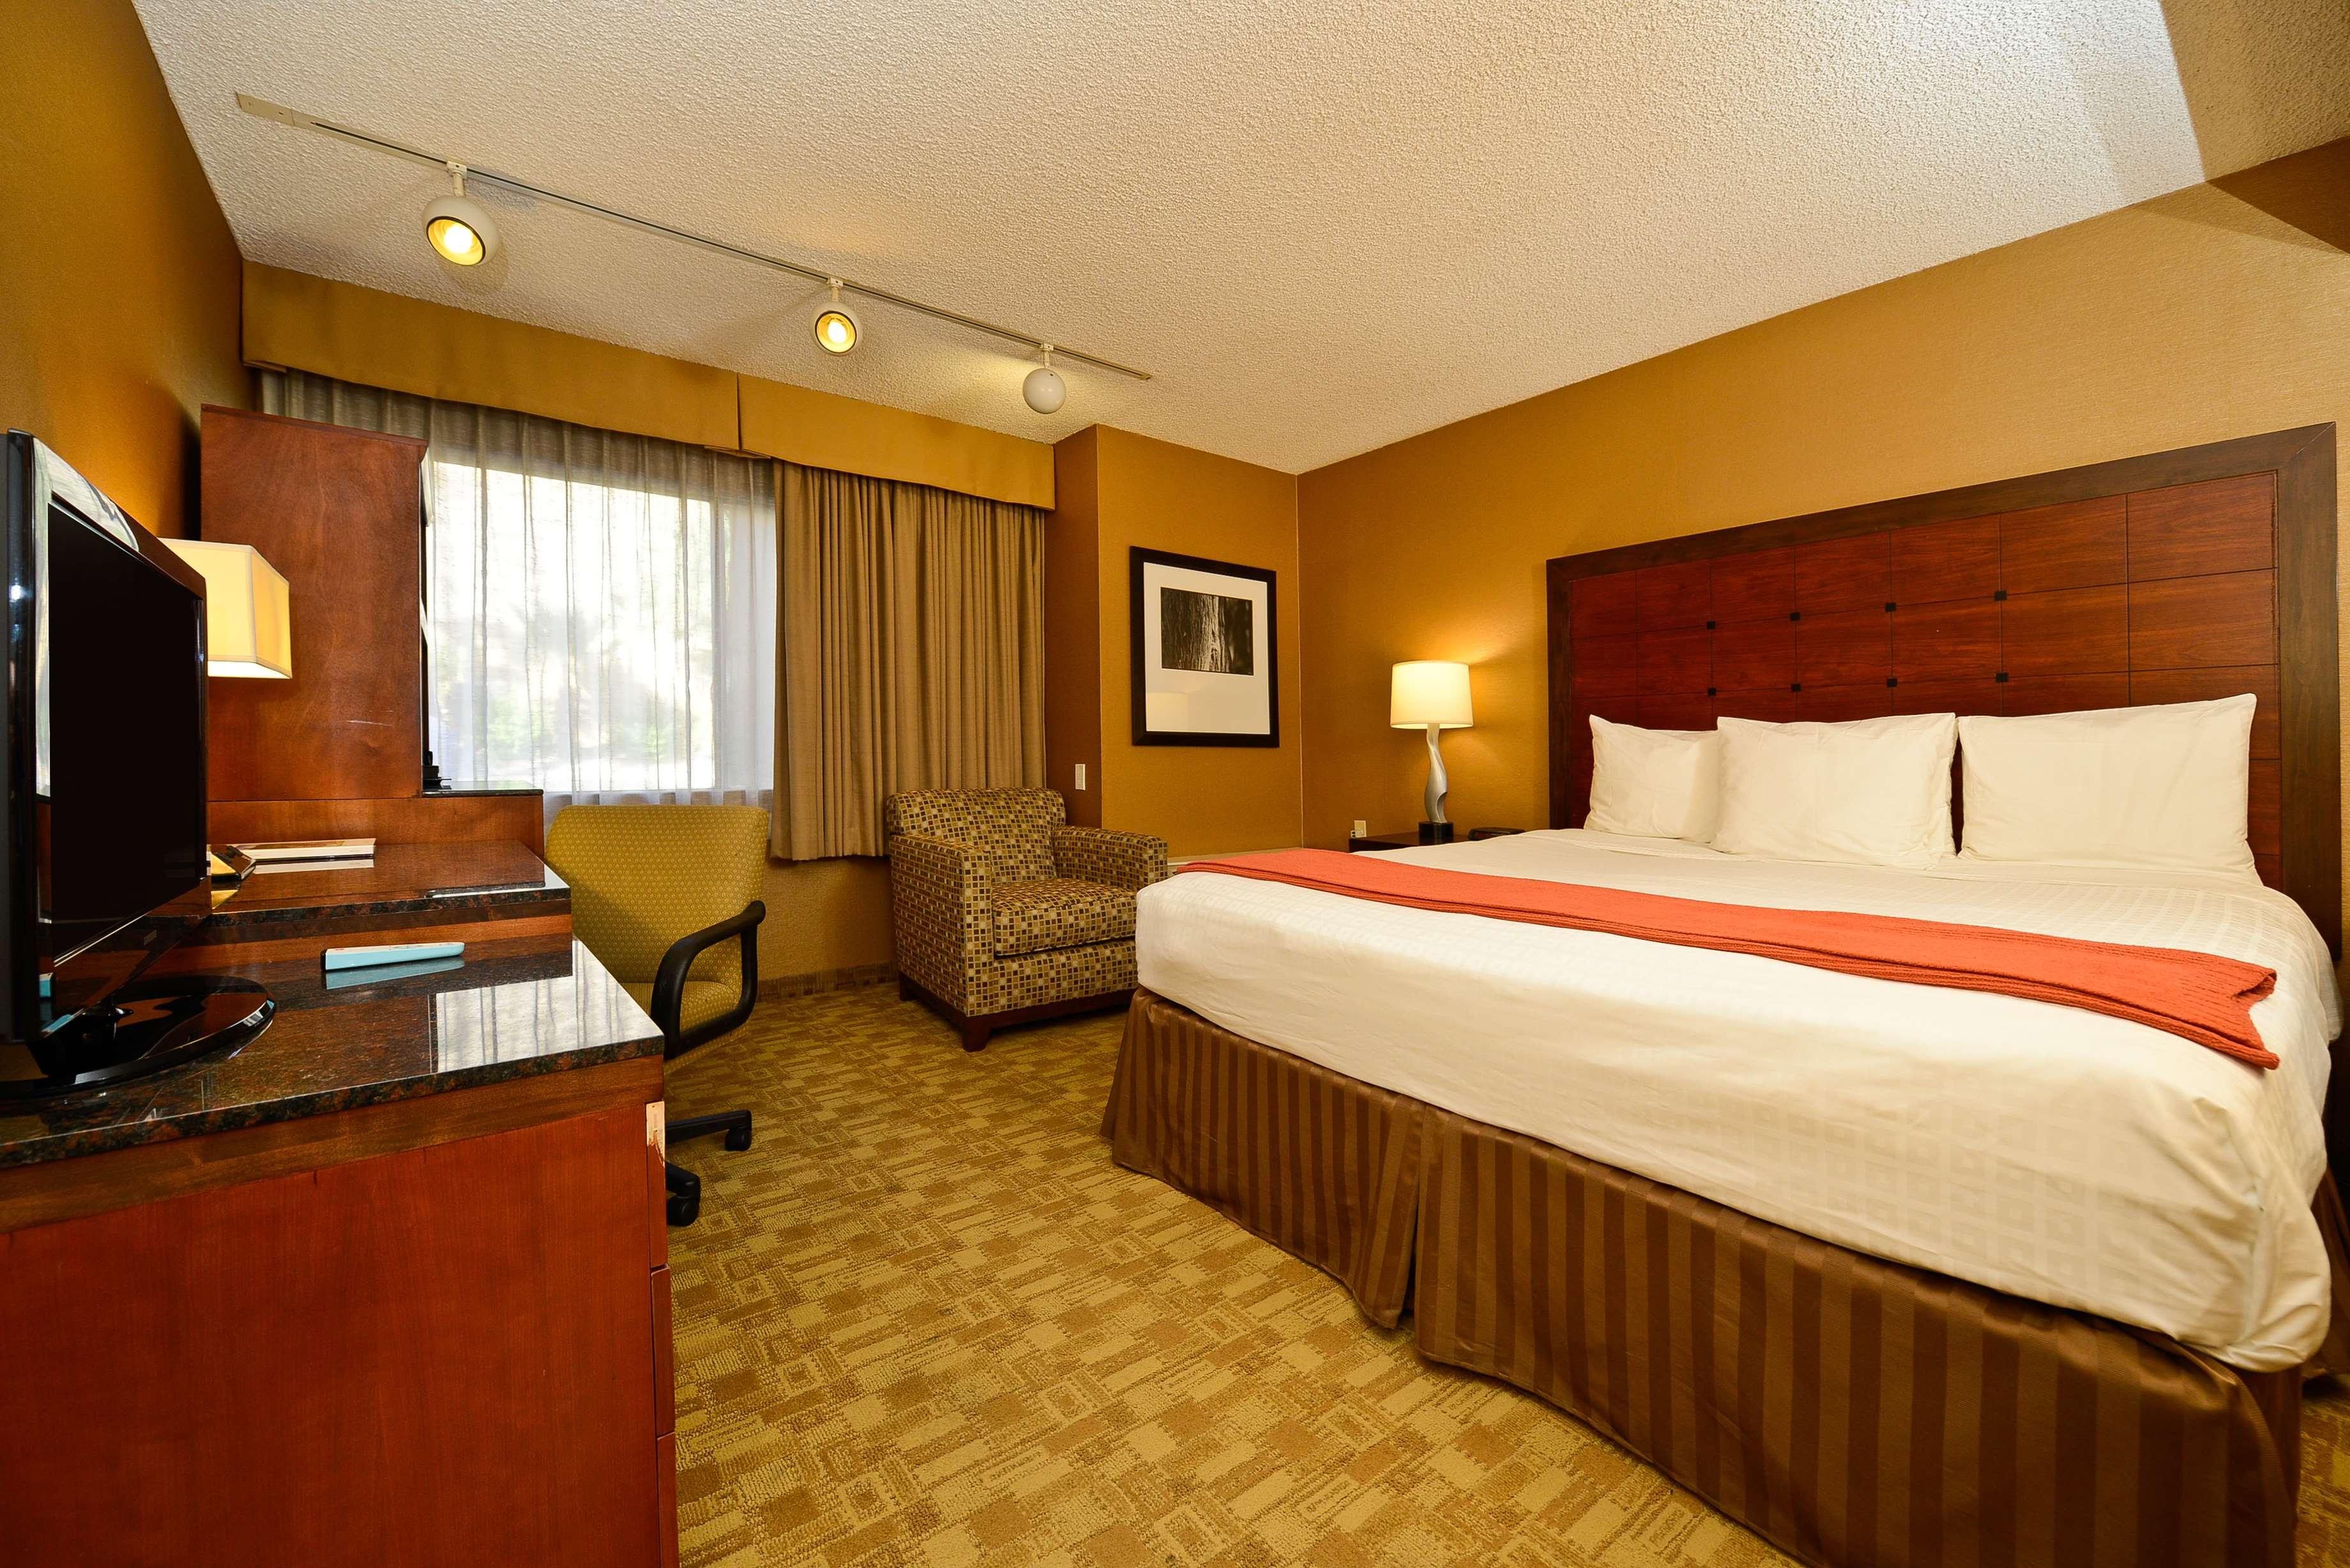 Best Western Inn at Palm Springs image 19